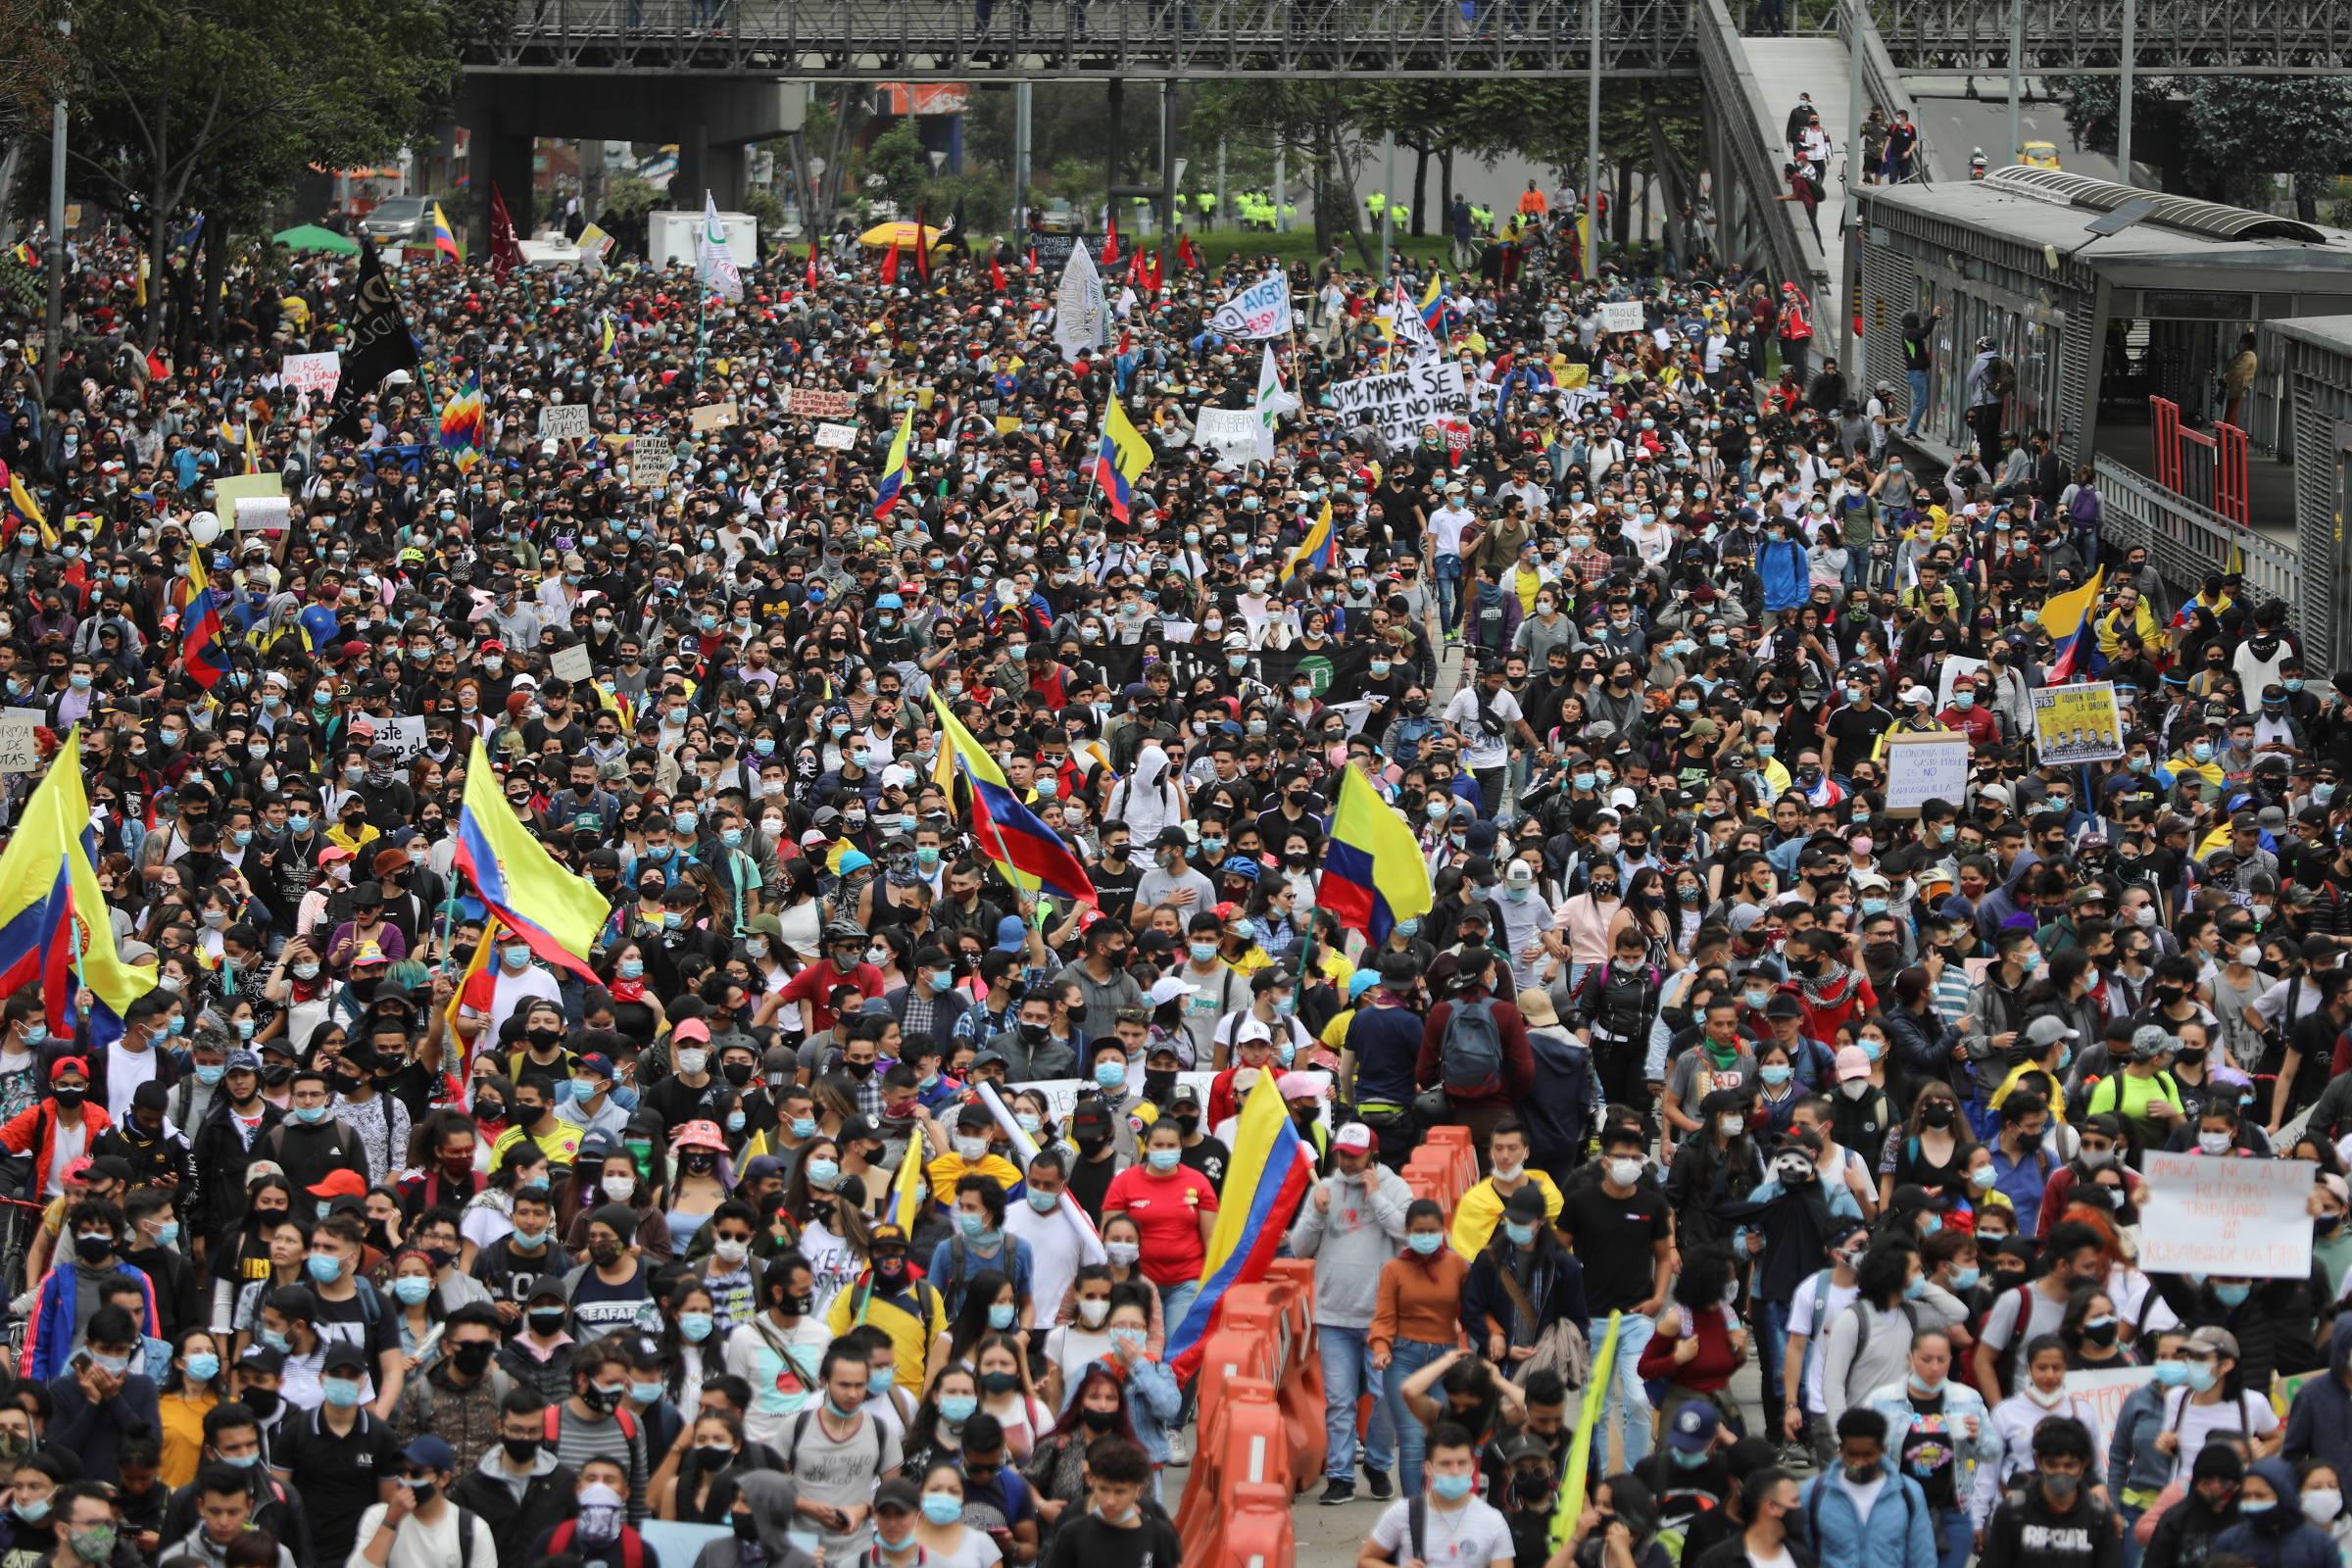 Ministro das Finanças renuncia após protestos deixarem 19 mortos na Colômbia